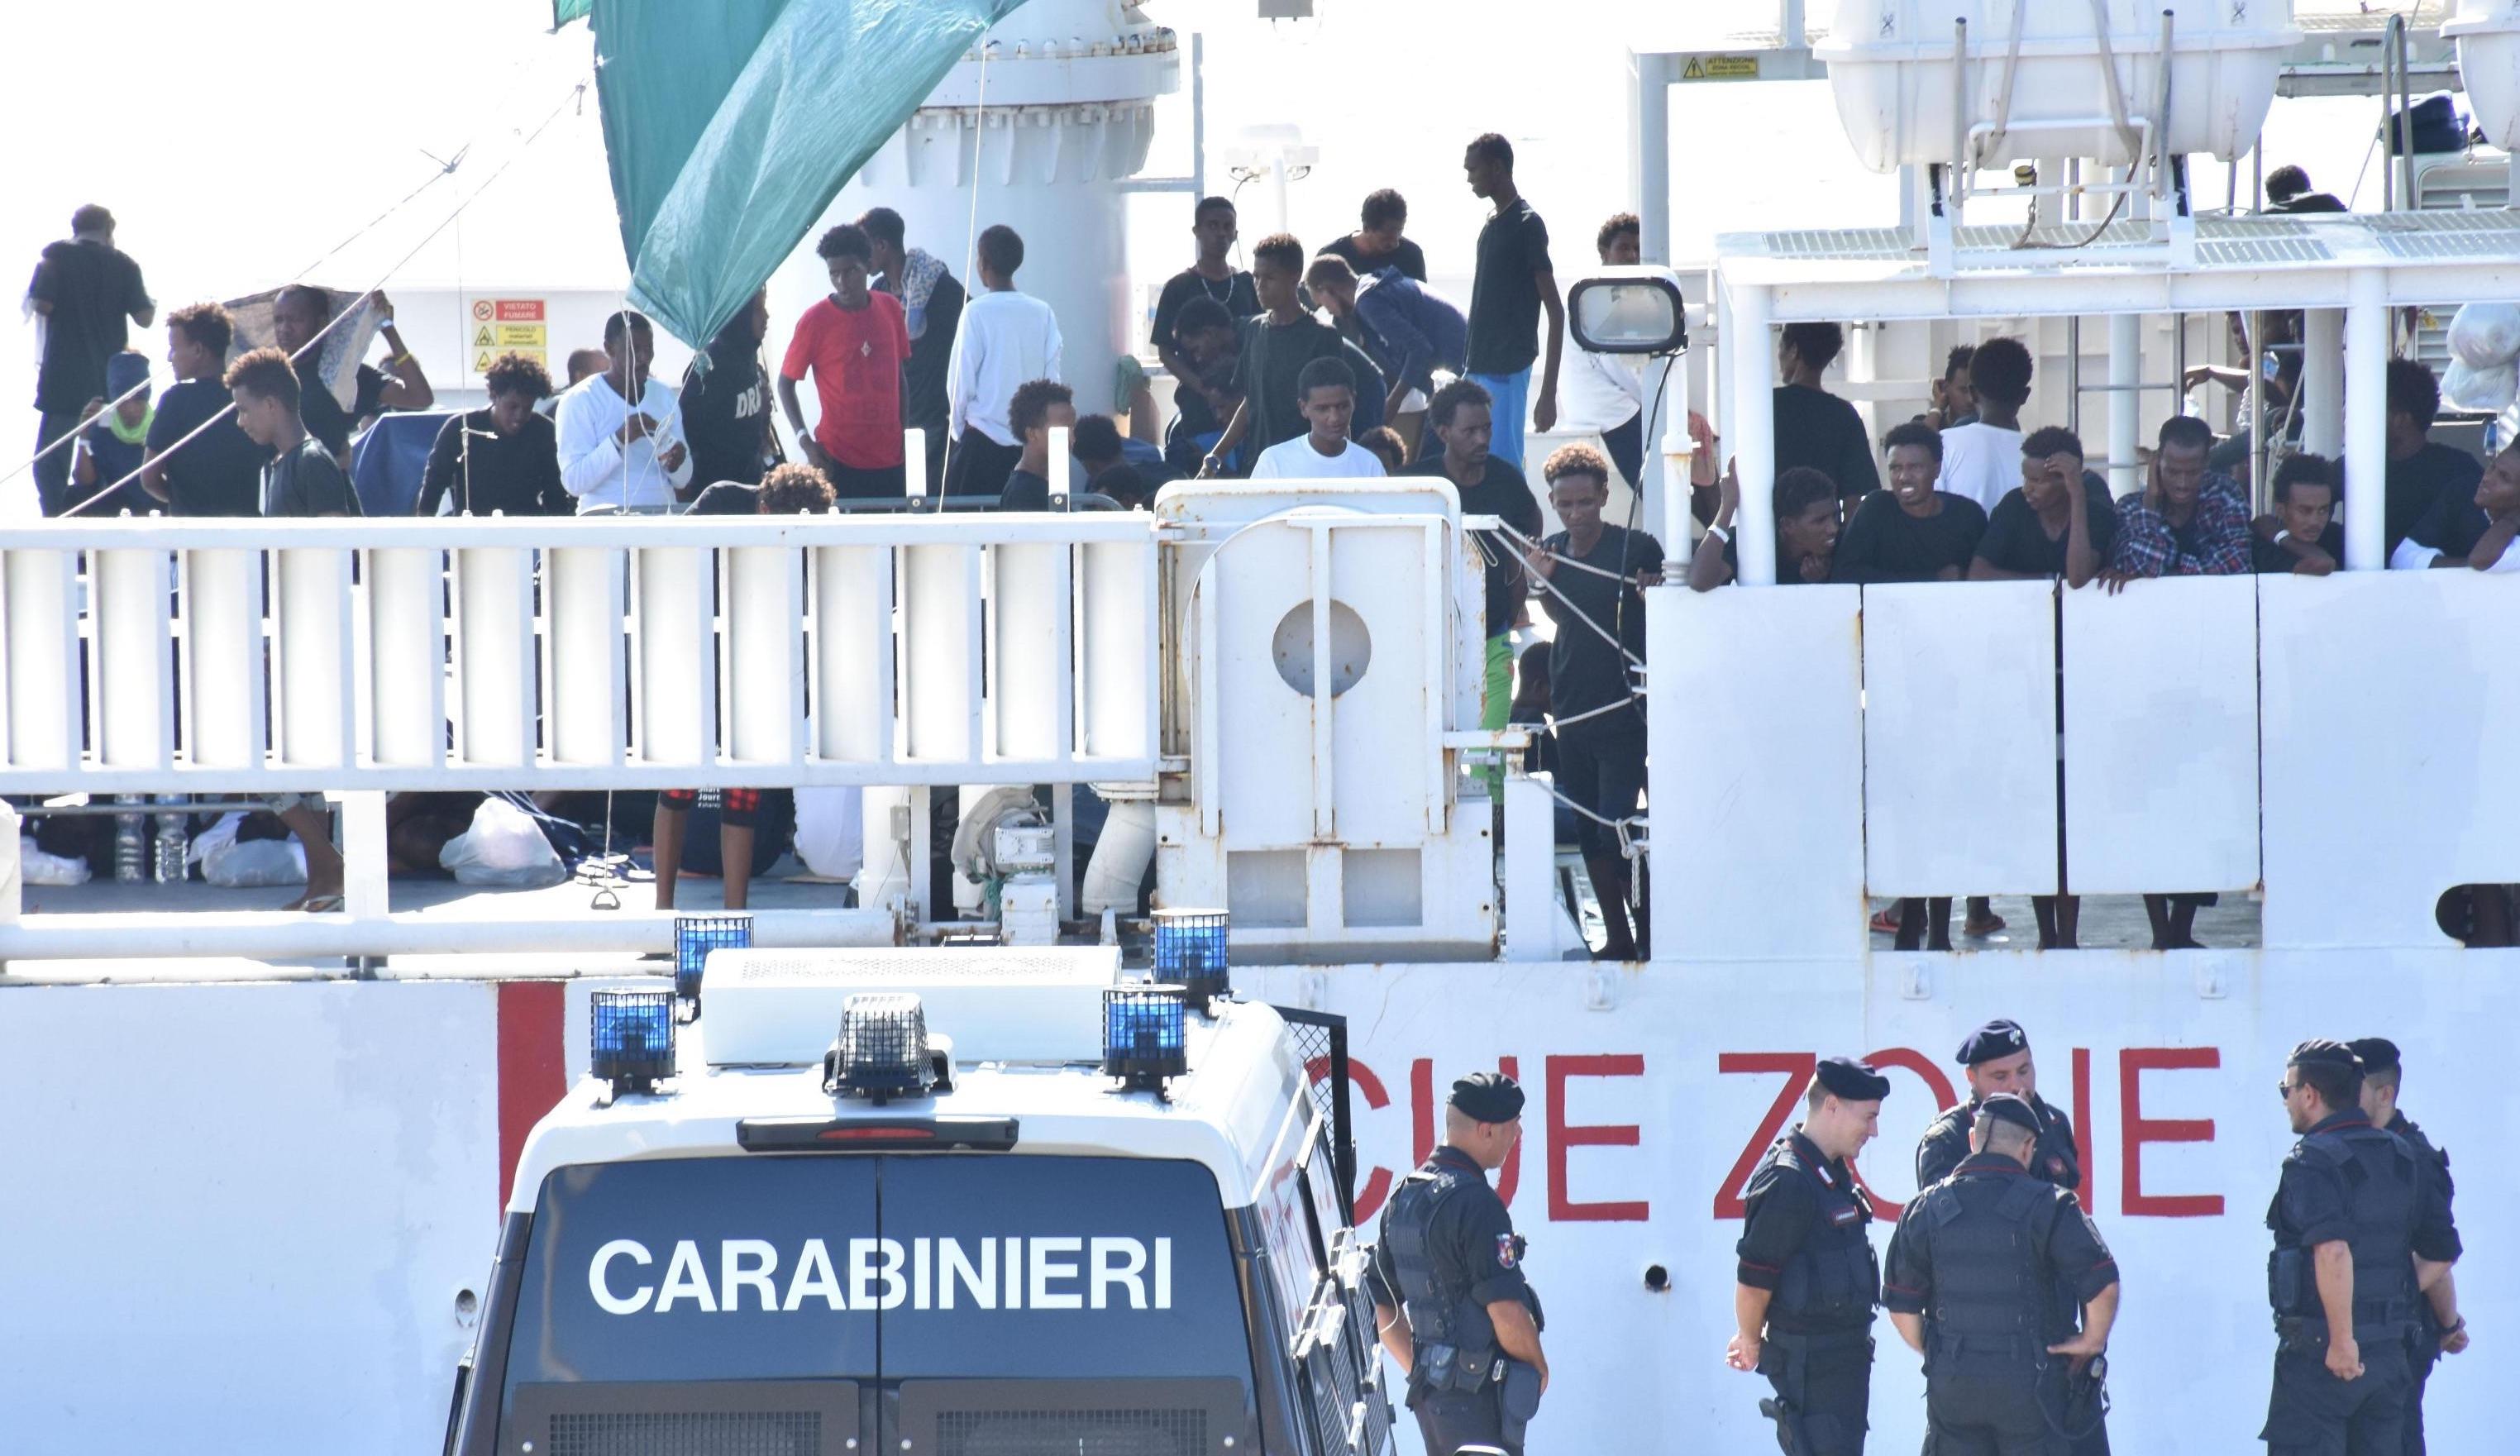 Diciotti: lungo ricovero per tre a Catania, confermati 2 casi di tubercolosi